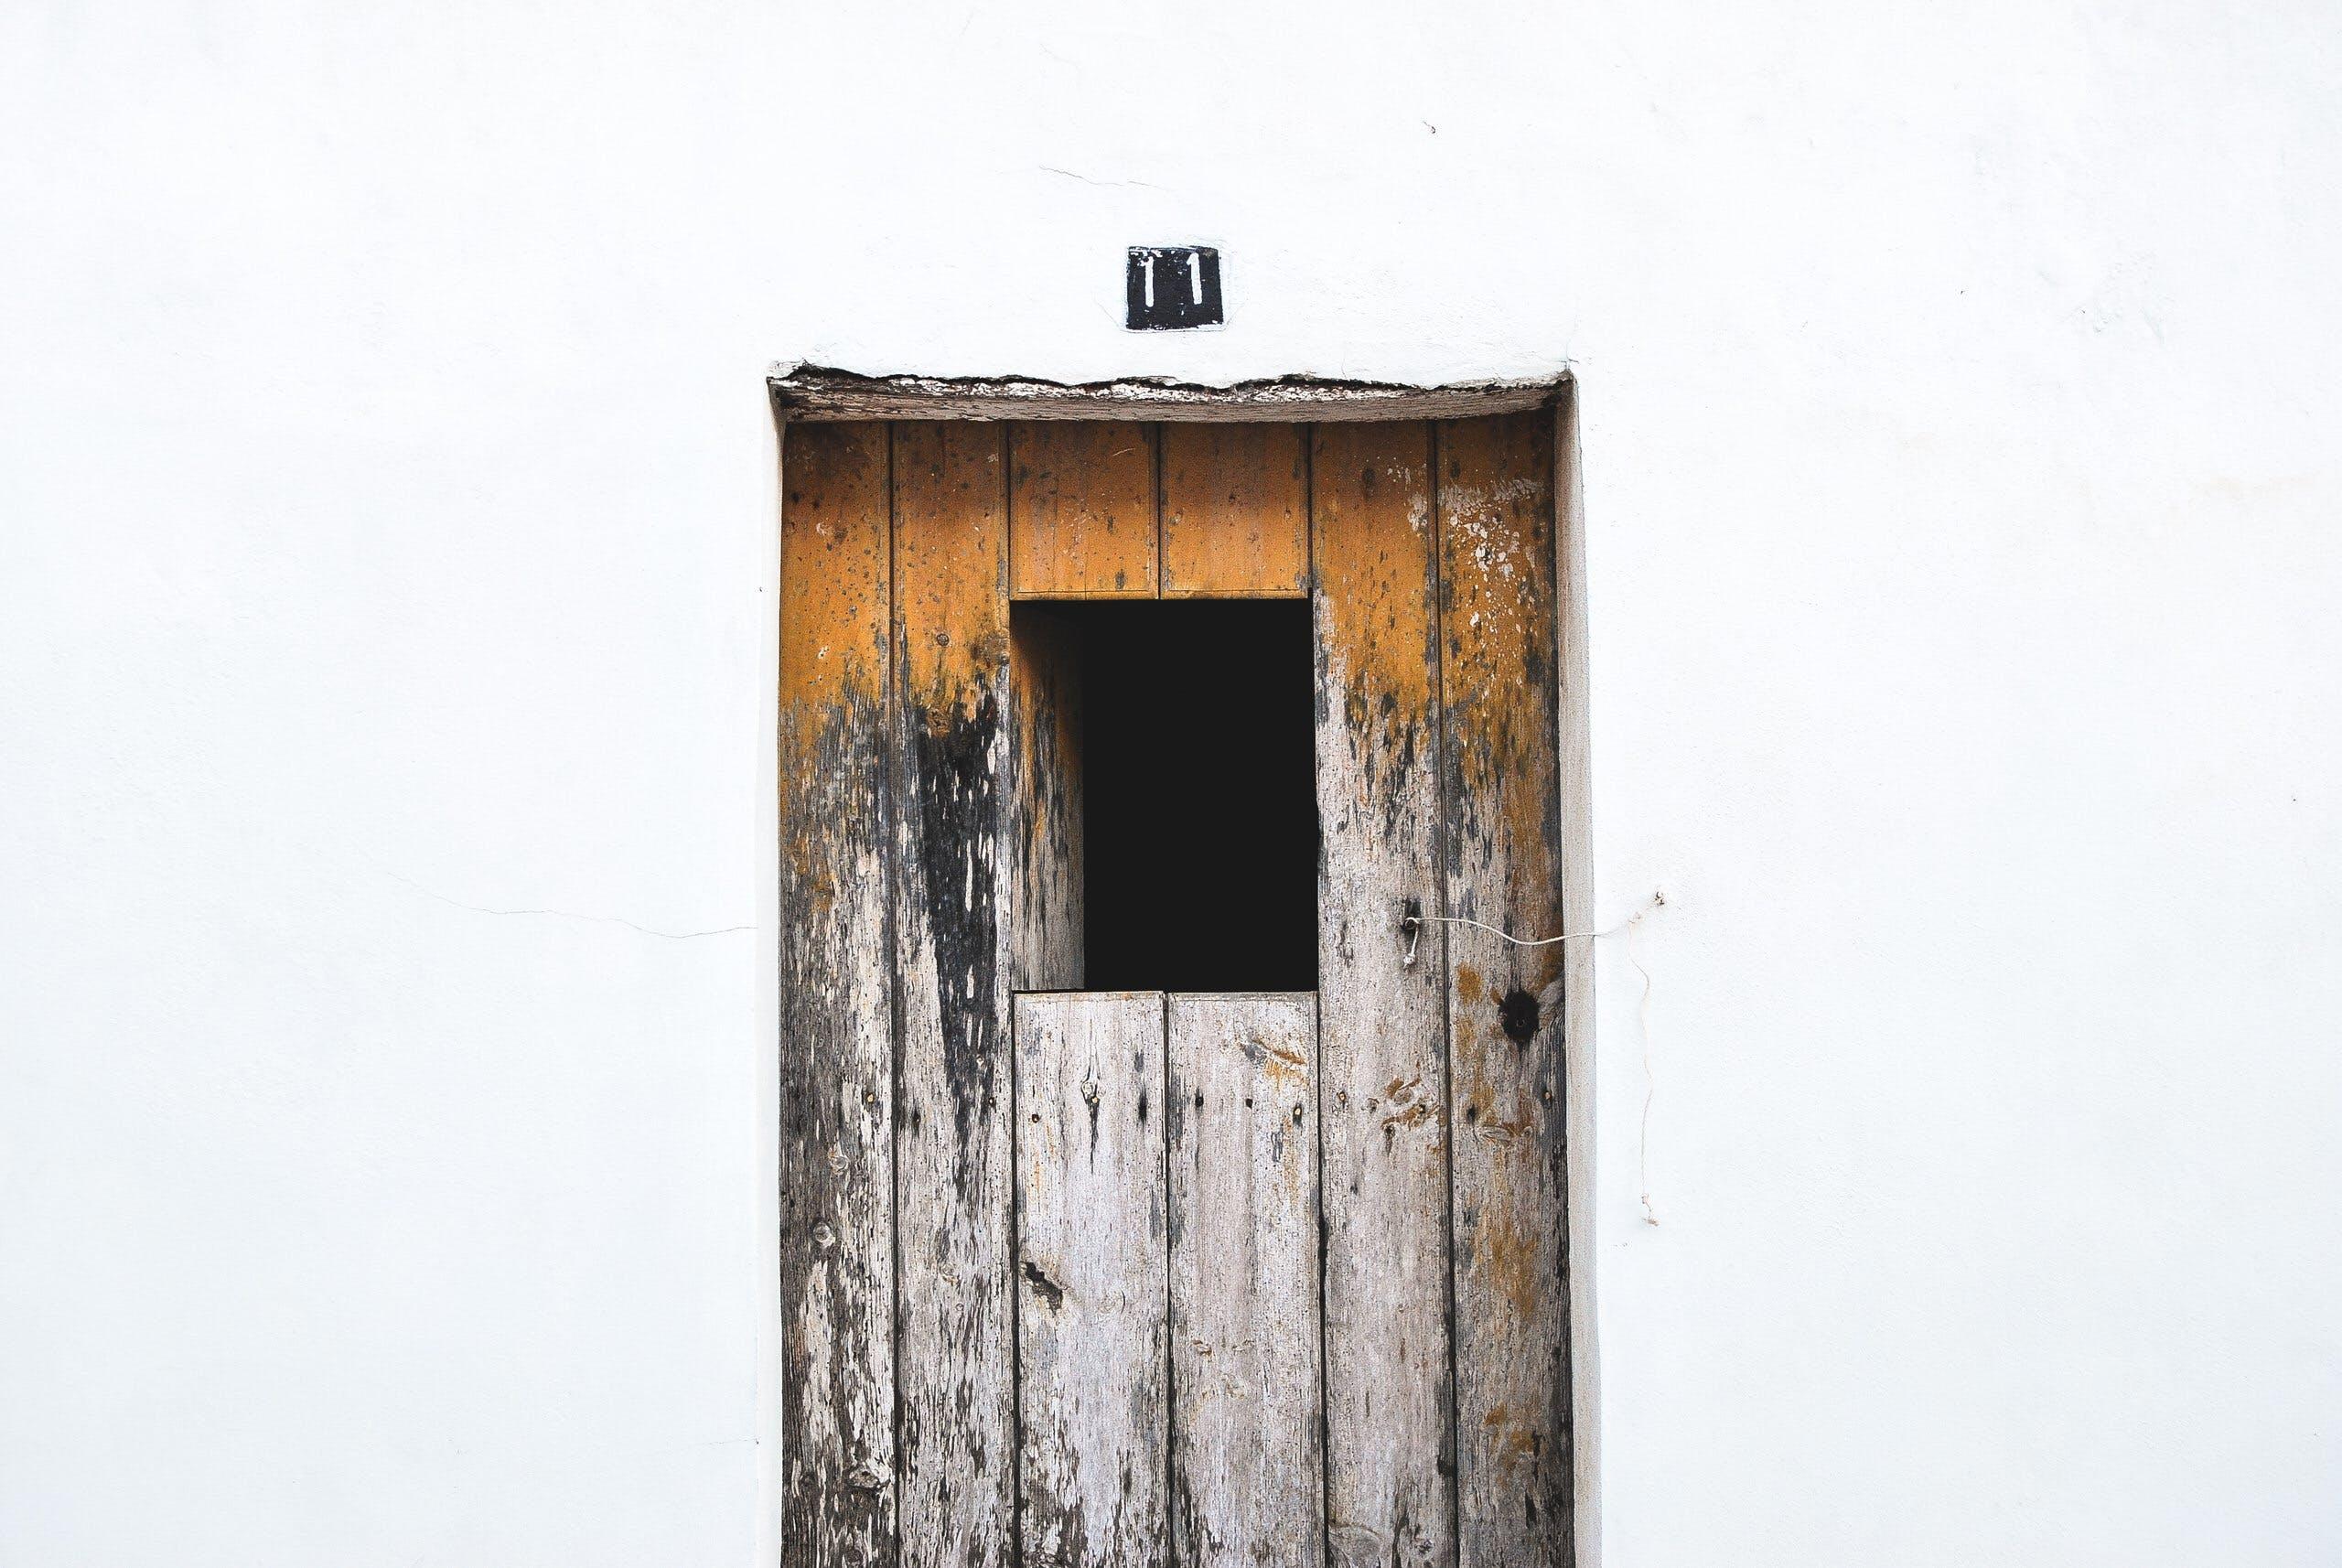 Kostenloses Stock Foto zu hölzern, rustikal, tür, türöffnung